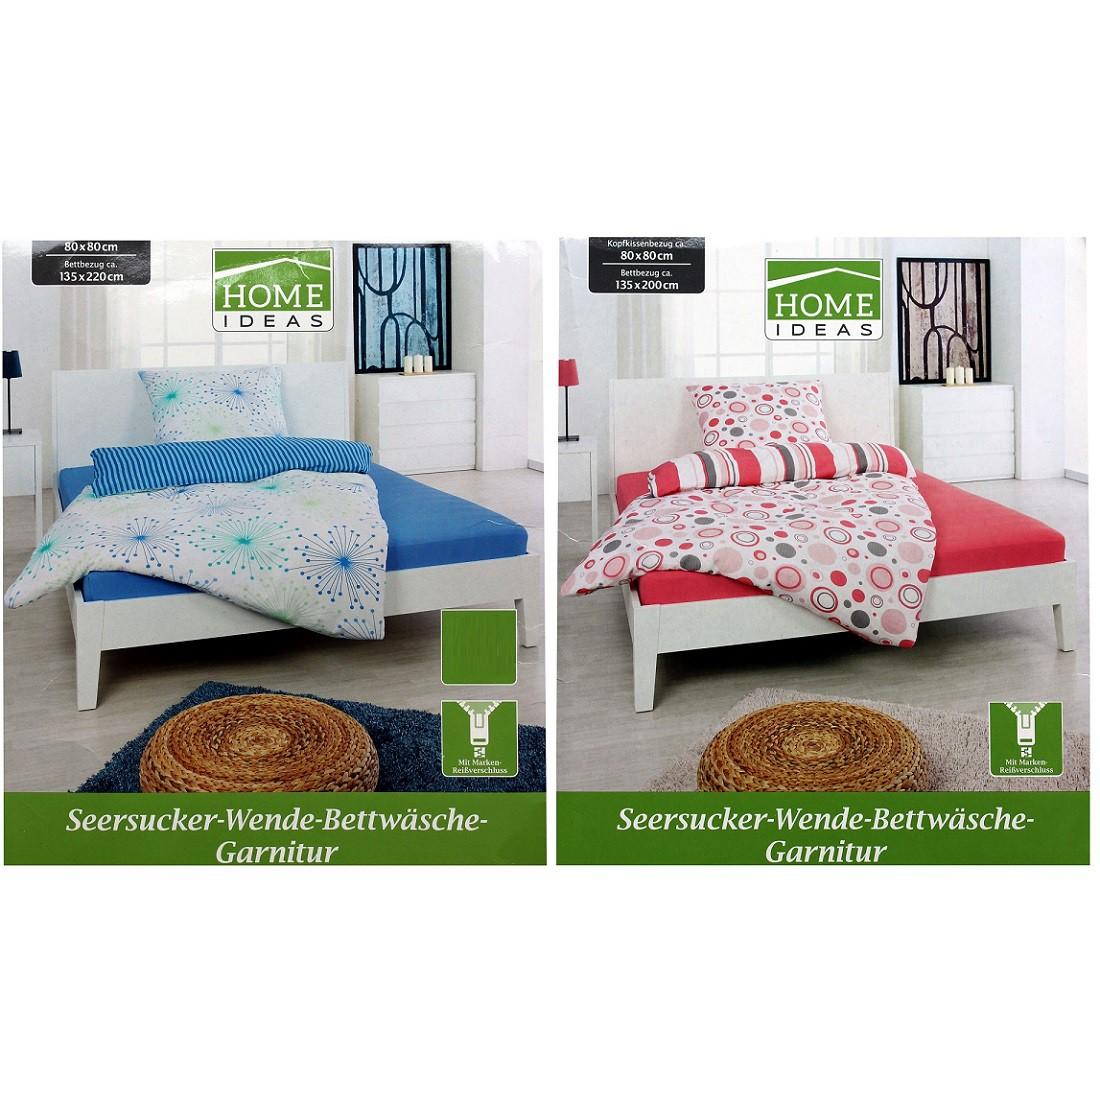 home ideas seersucker wende bettw sche garnitur 135 x 200. Black Bedroom Furniture Sets. Home Design Ideas